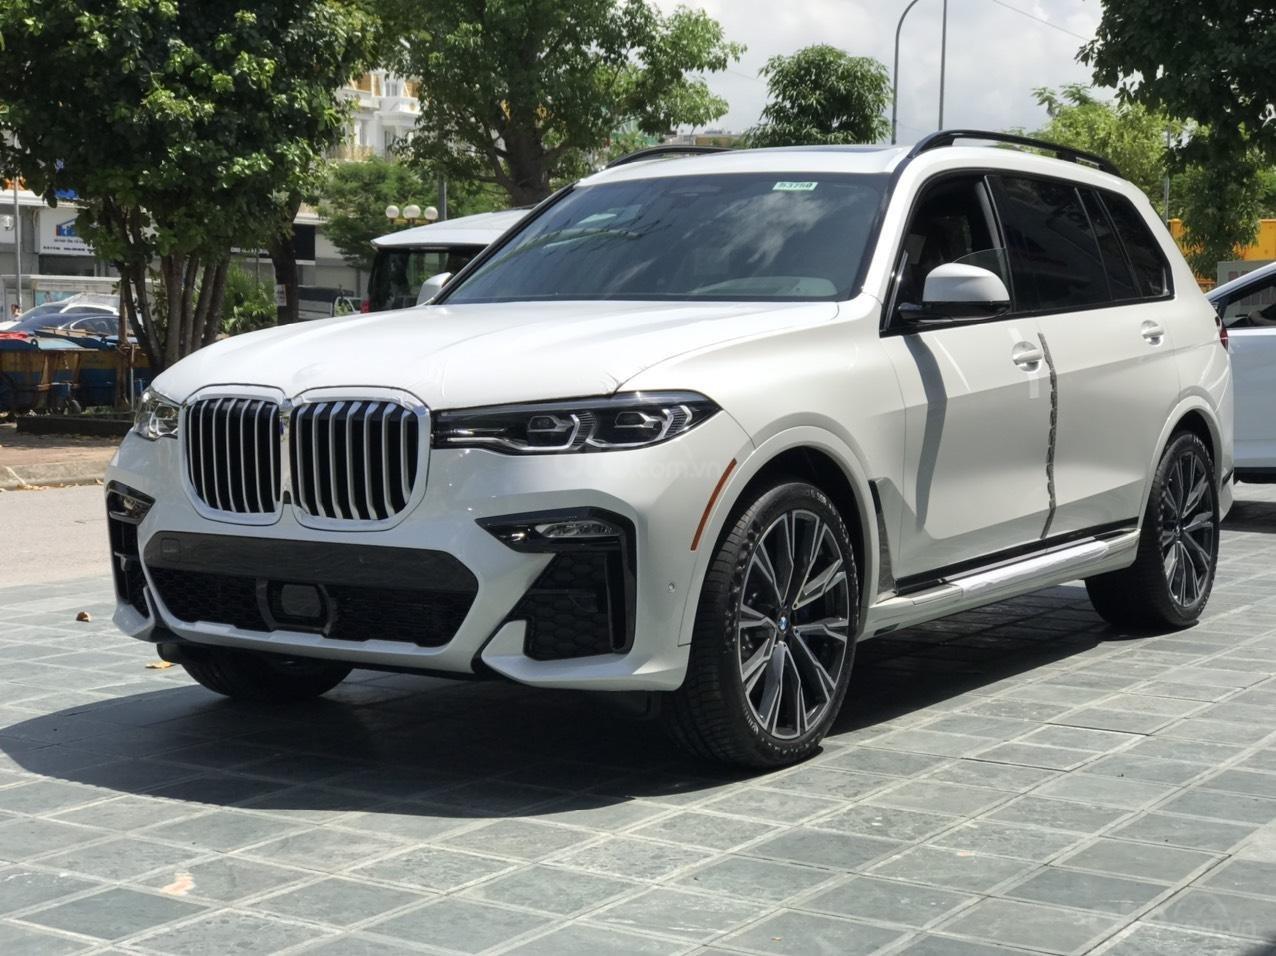 Bán ô tô BMW X7 xDrive 40i Msport SX 2020, màu trắng, nhập khẩu, mới 100% (4)